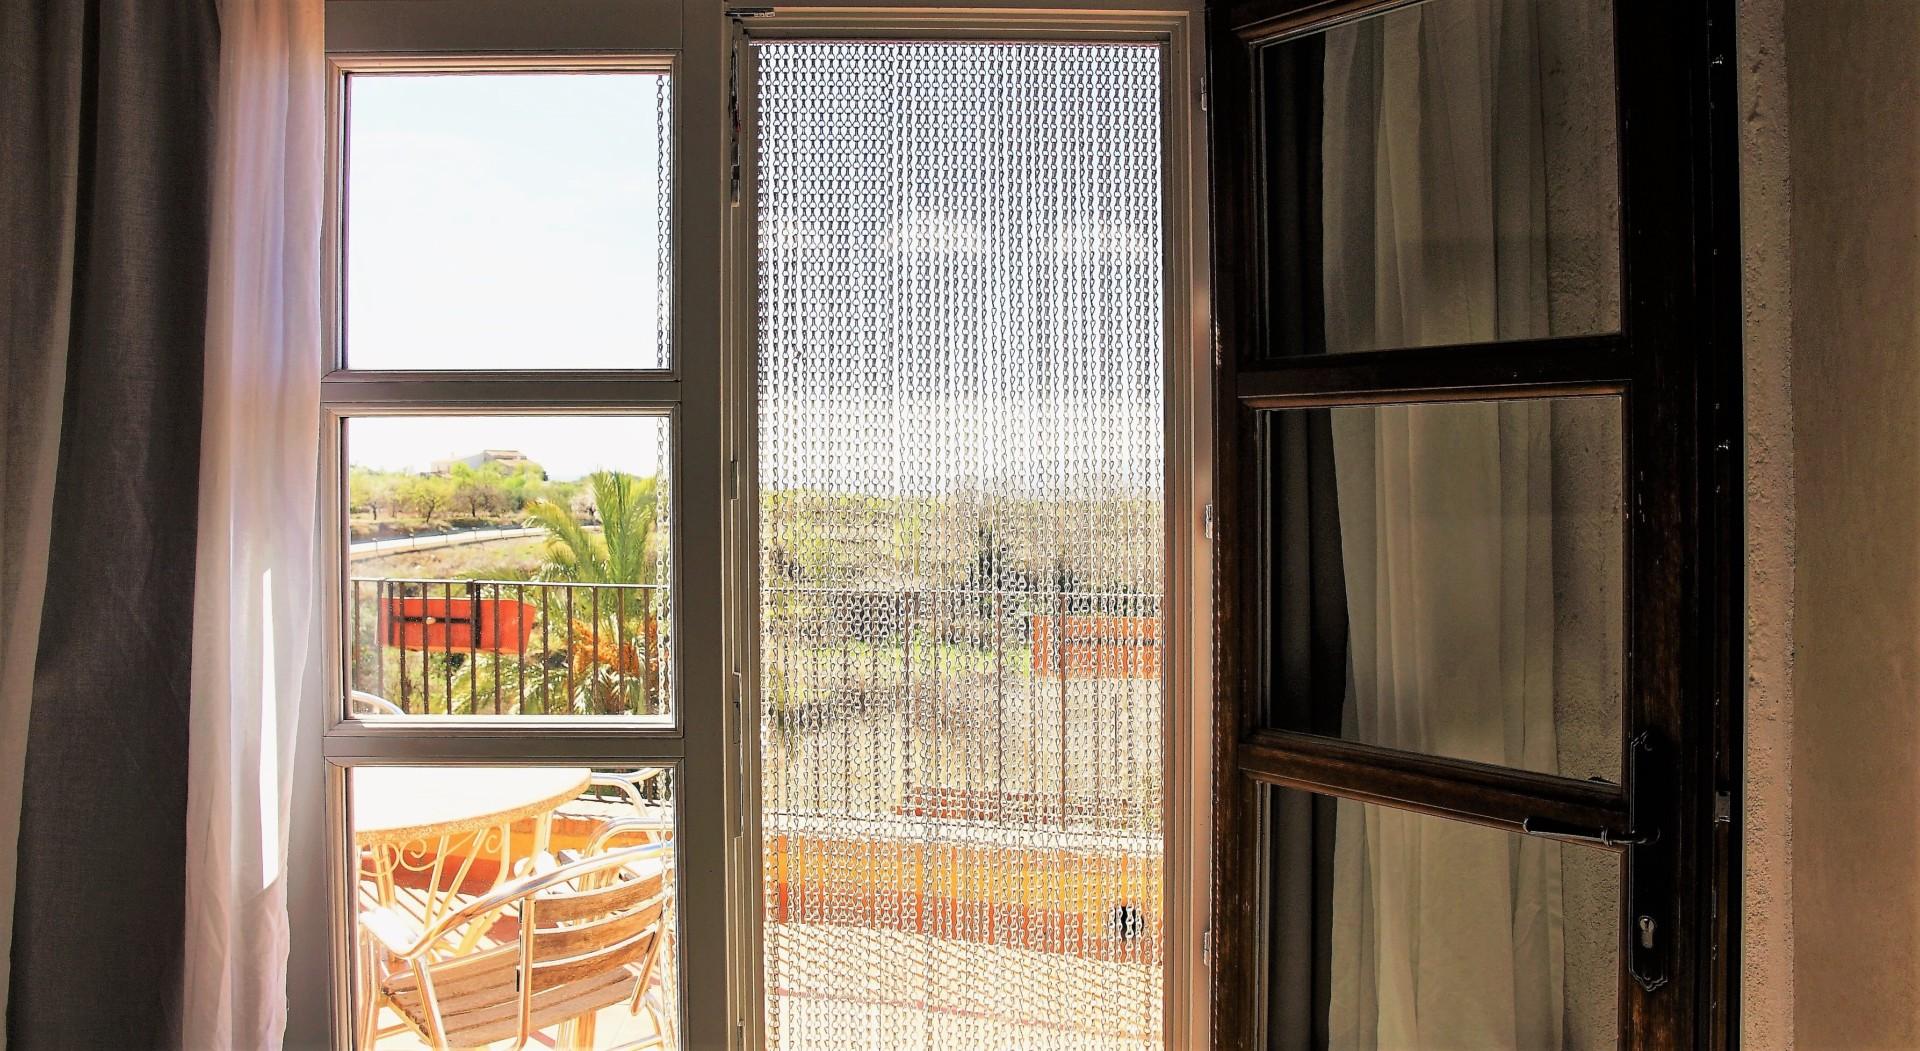 RM8 Window Image